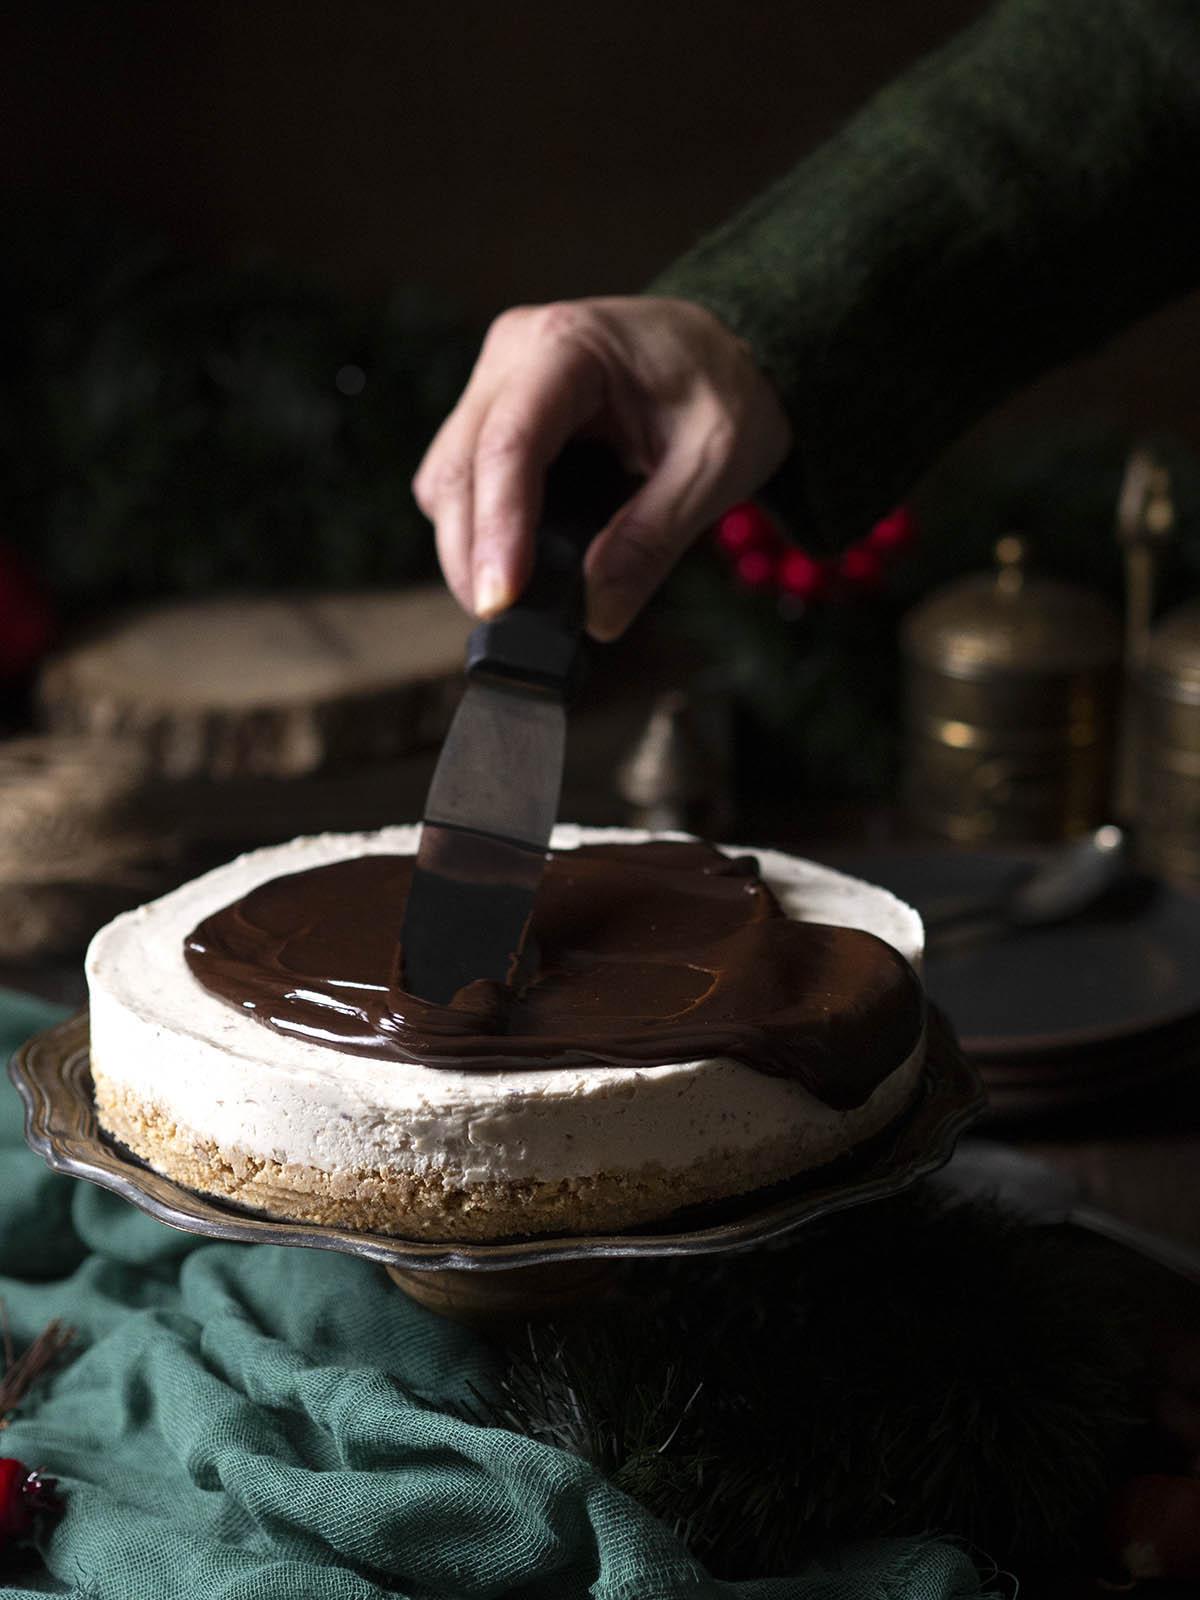 Χριστουγεννιάτικο γλυκό cheesecake με κάστανο